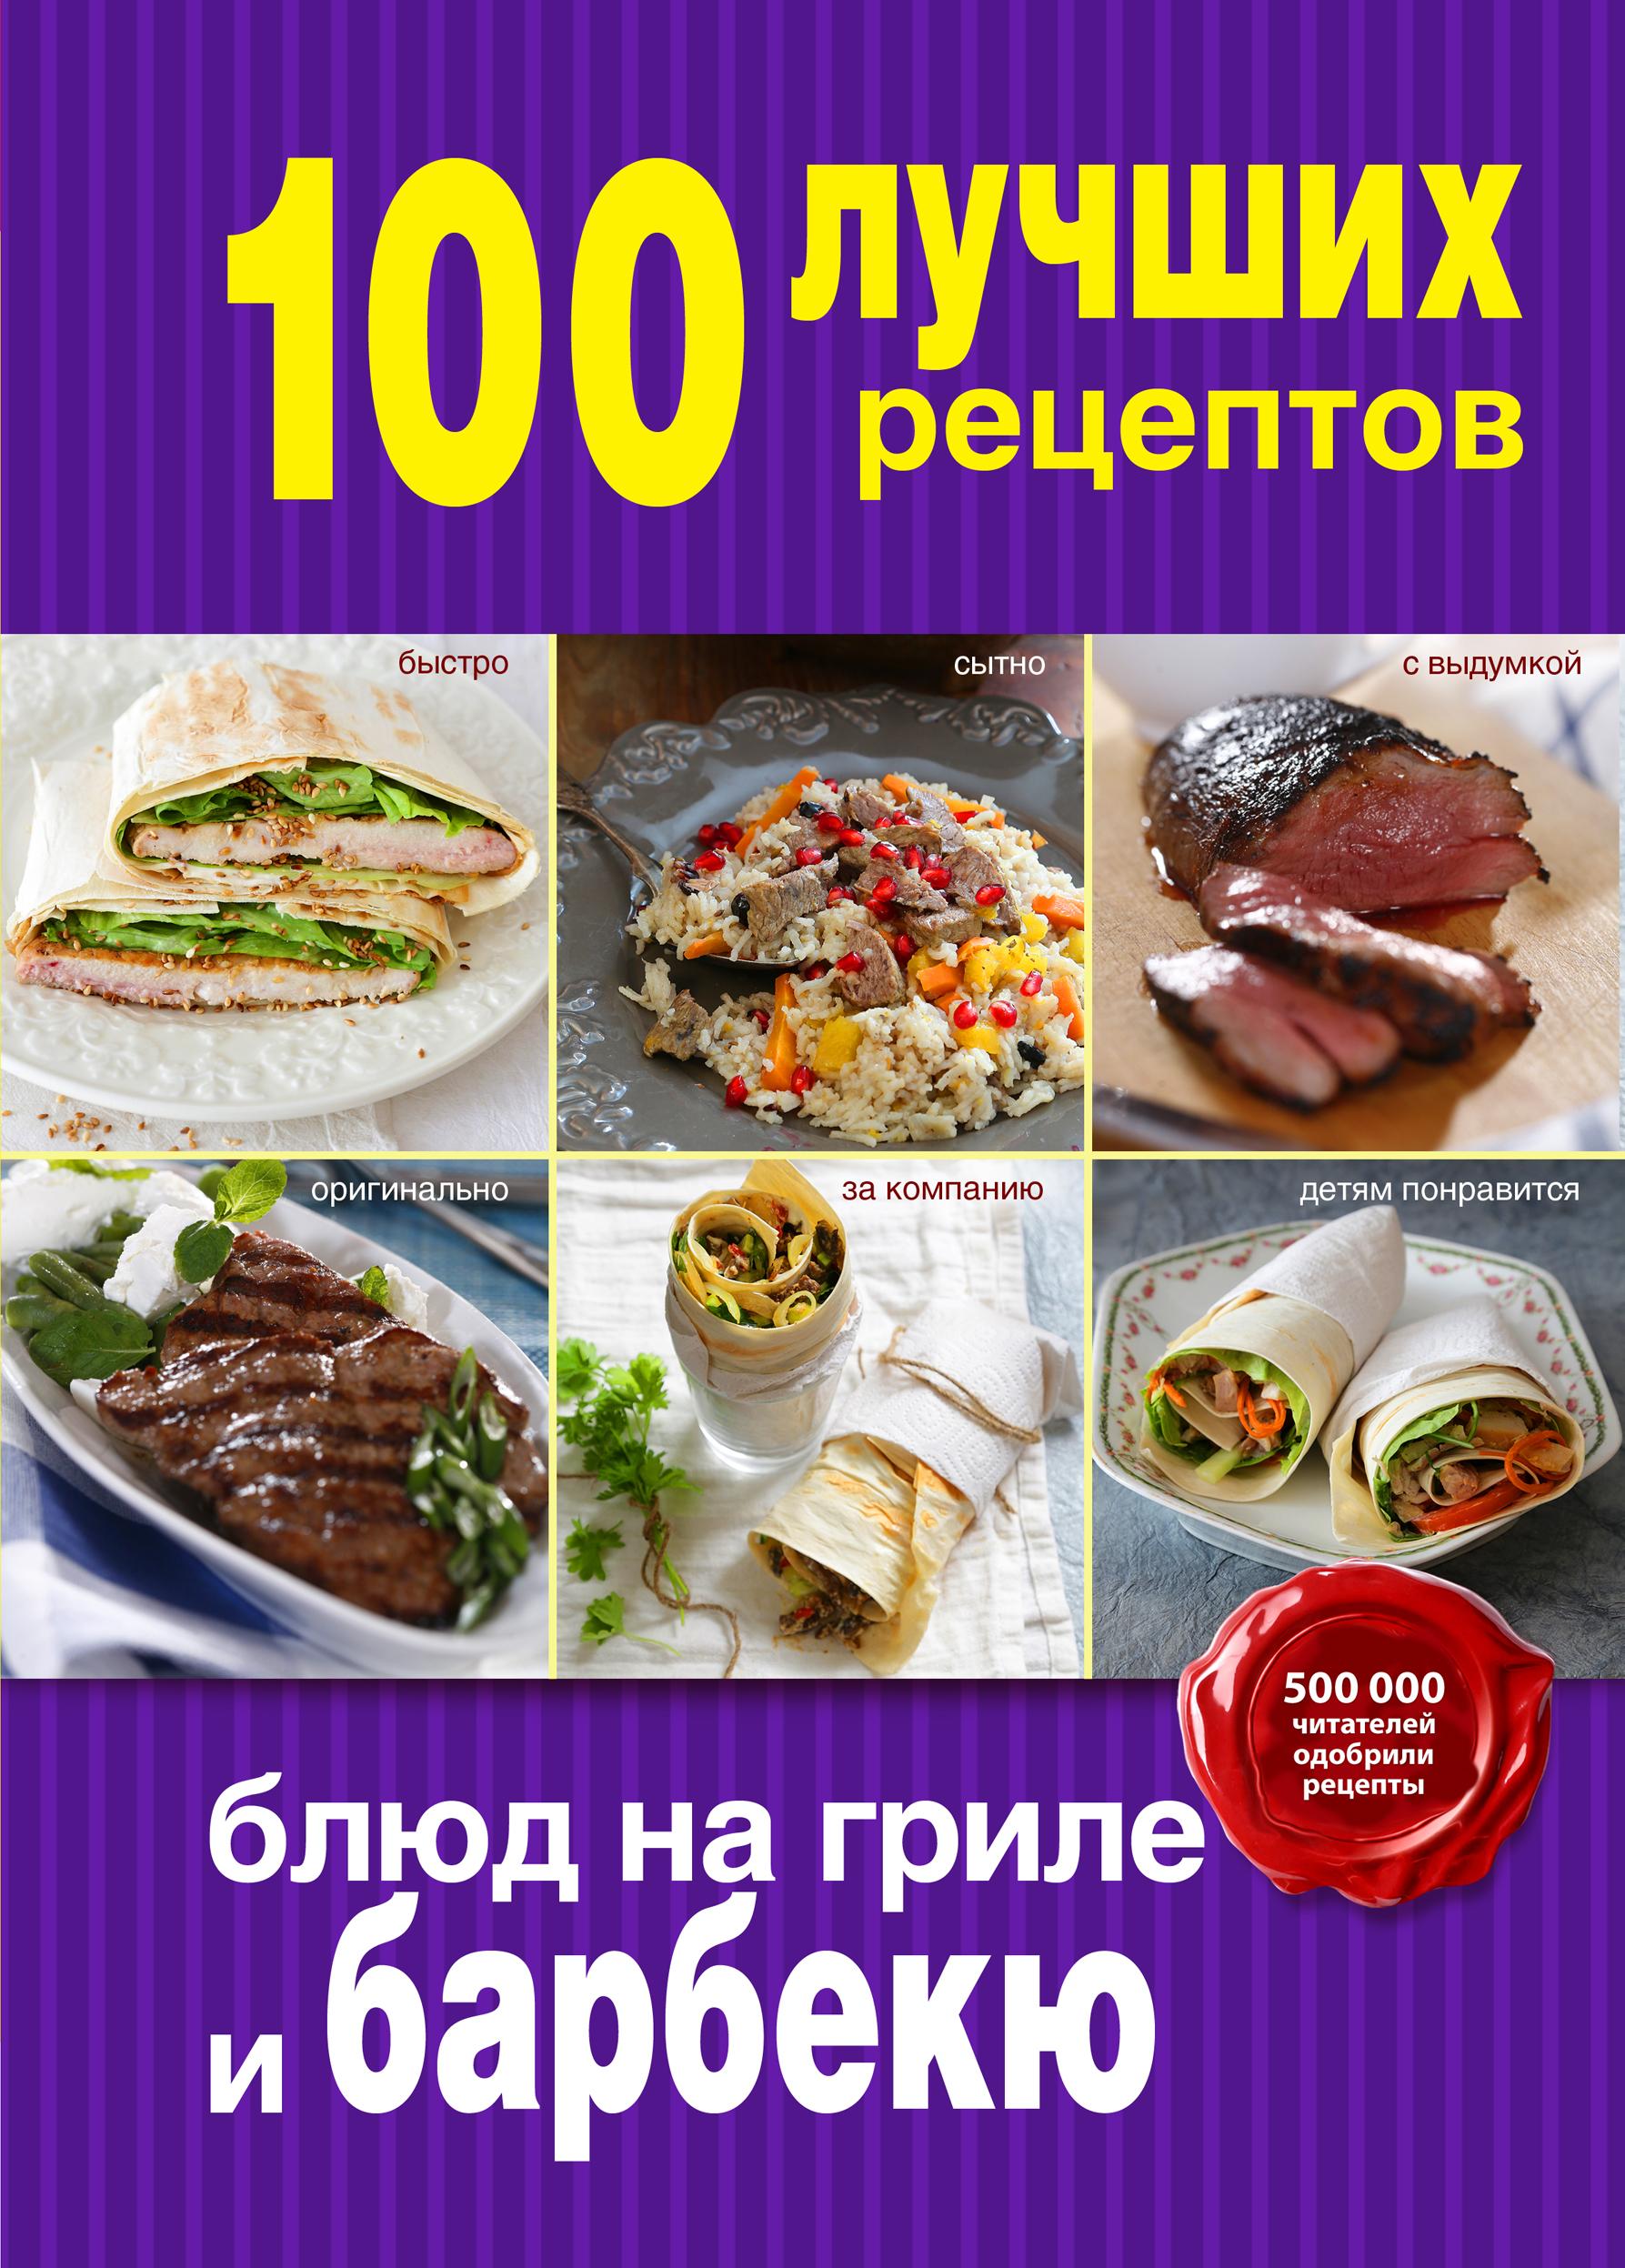 100 лучших рецептов блюд на гриле и барбекю